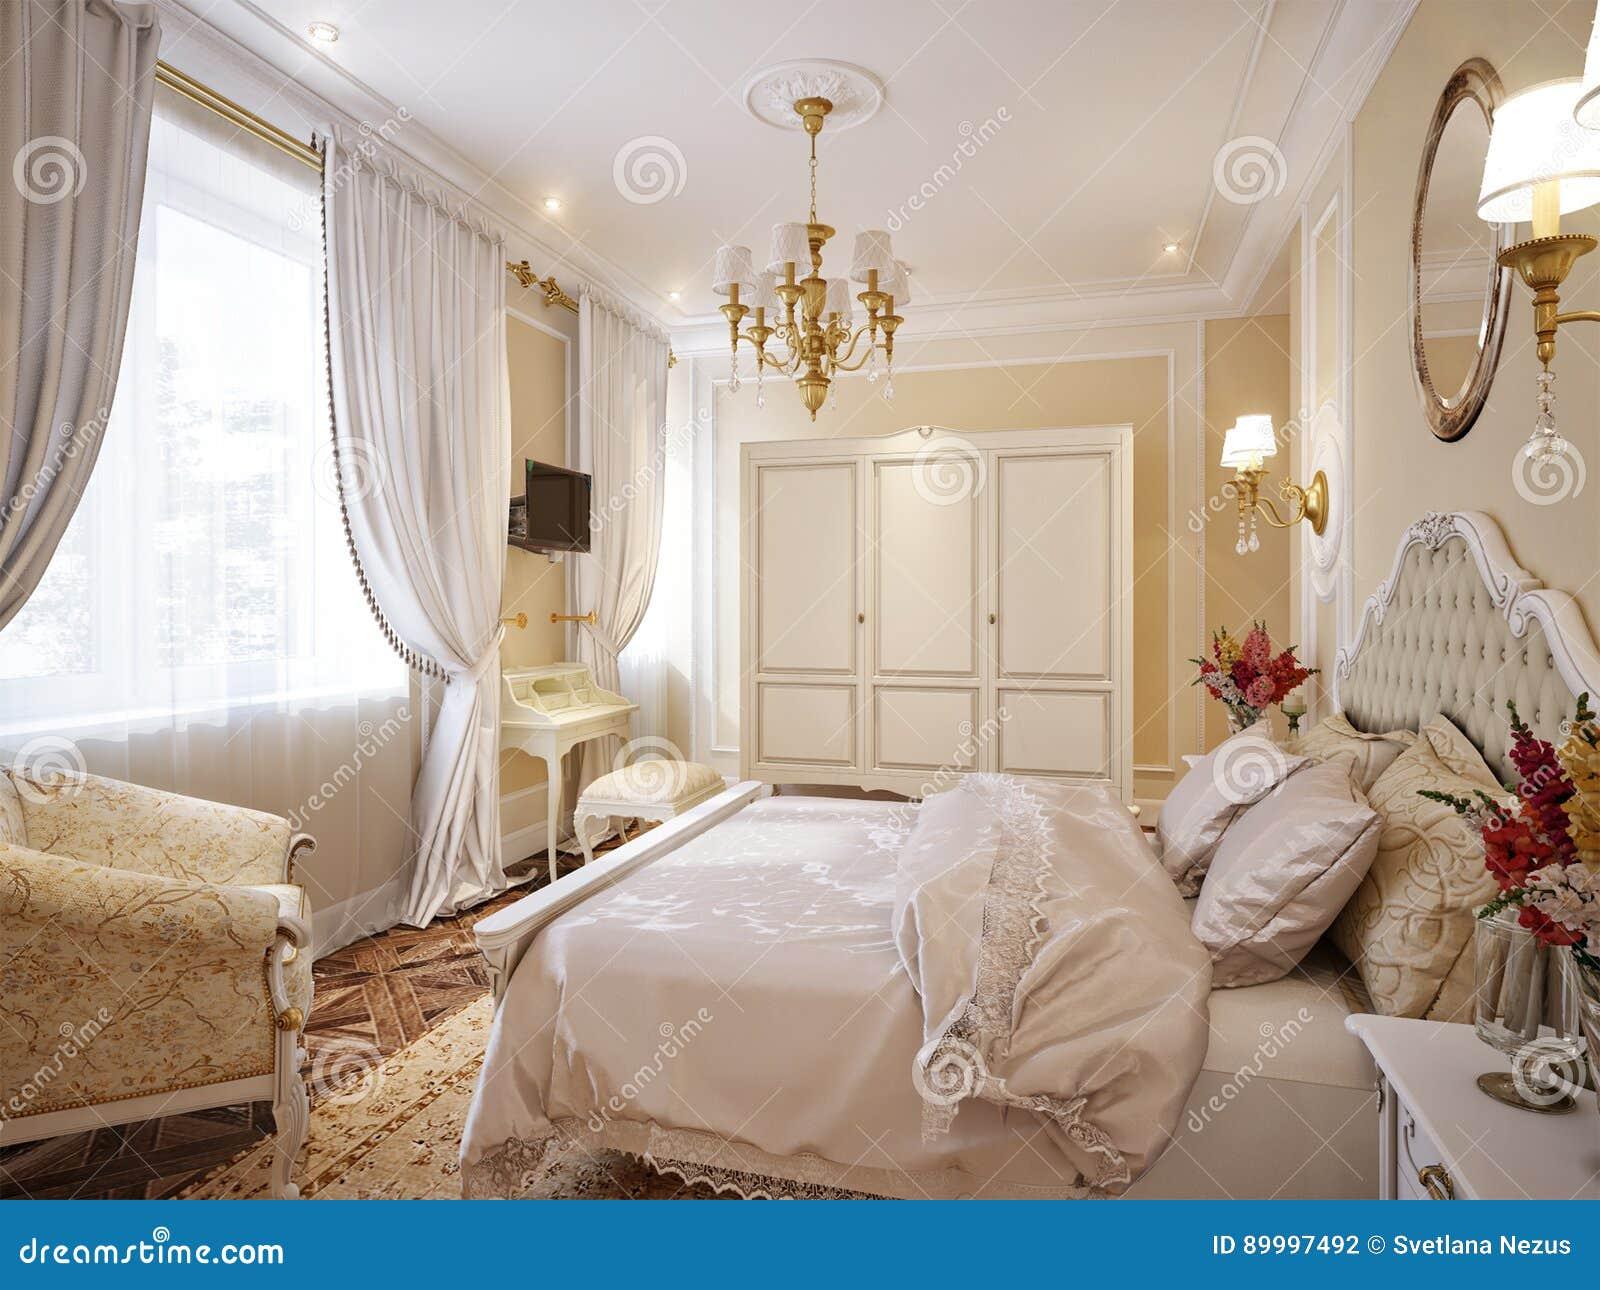 Letti Classici Di Lusso.Interior Design Moderno Classico Di Lusso Della Camera Da Letto